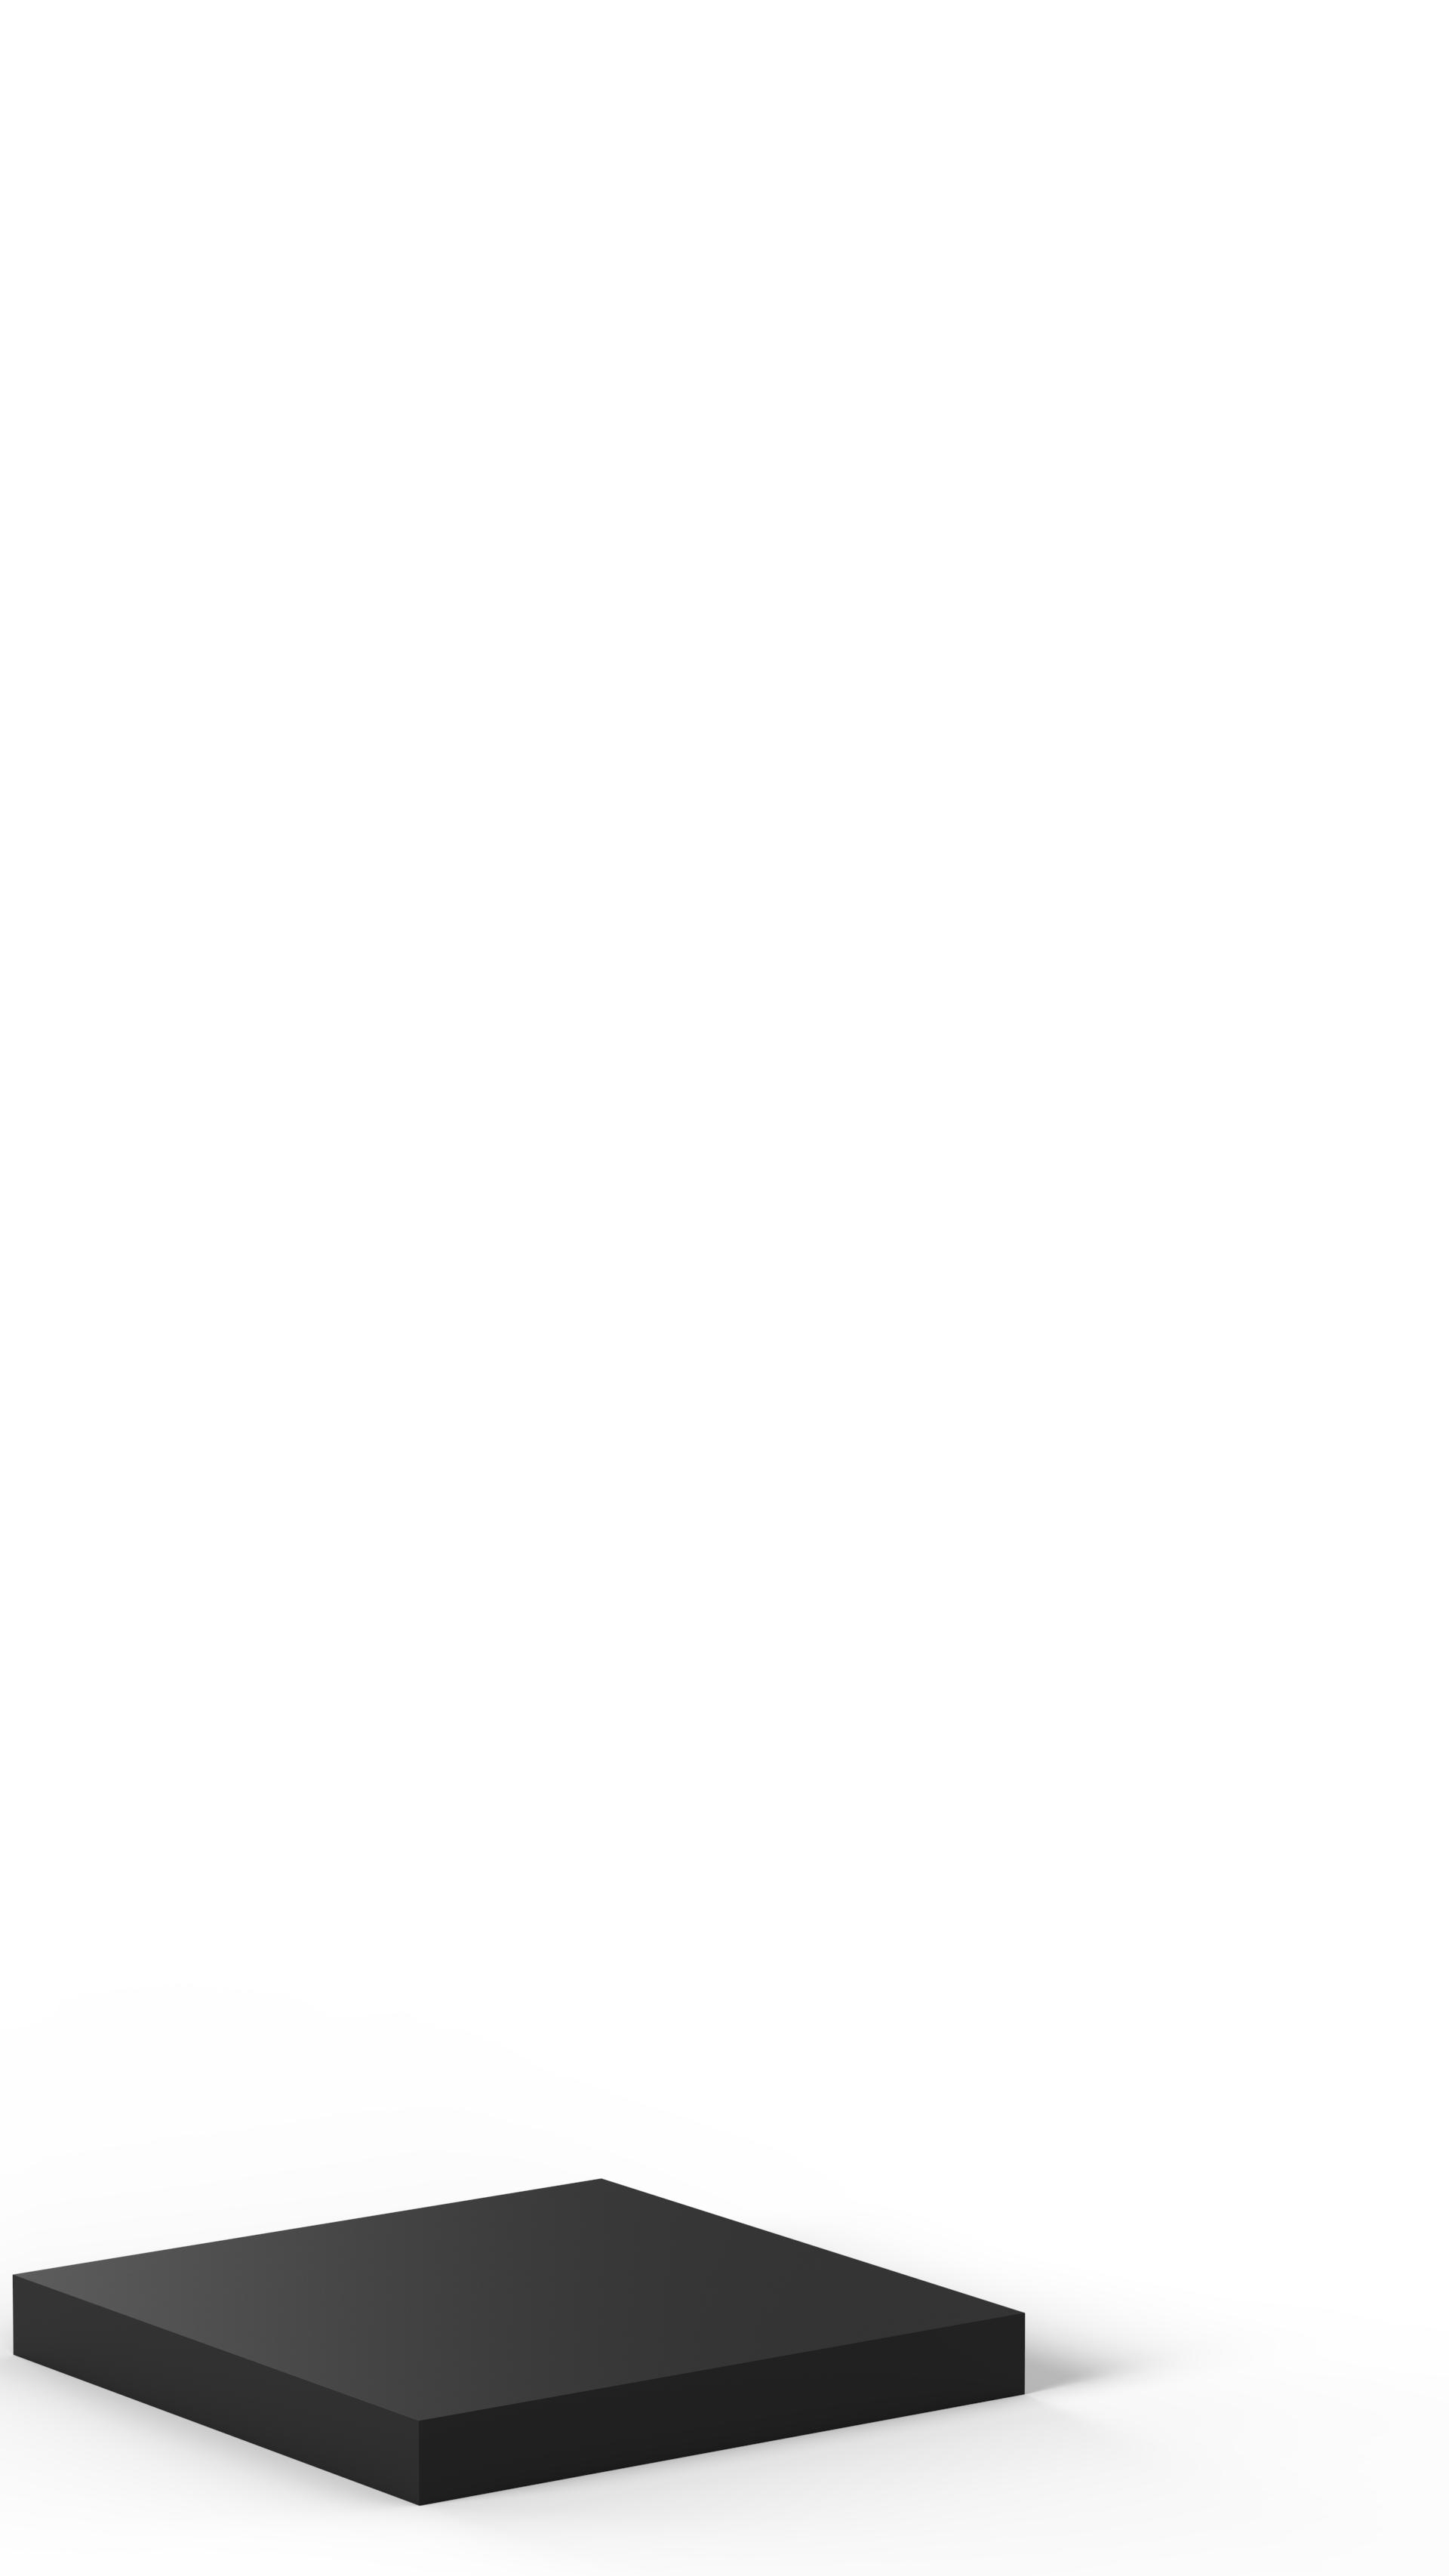 INITPLR35x35x4x2 Présentoir plateau de présentation SAINT-HONORÉ PARIS